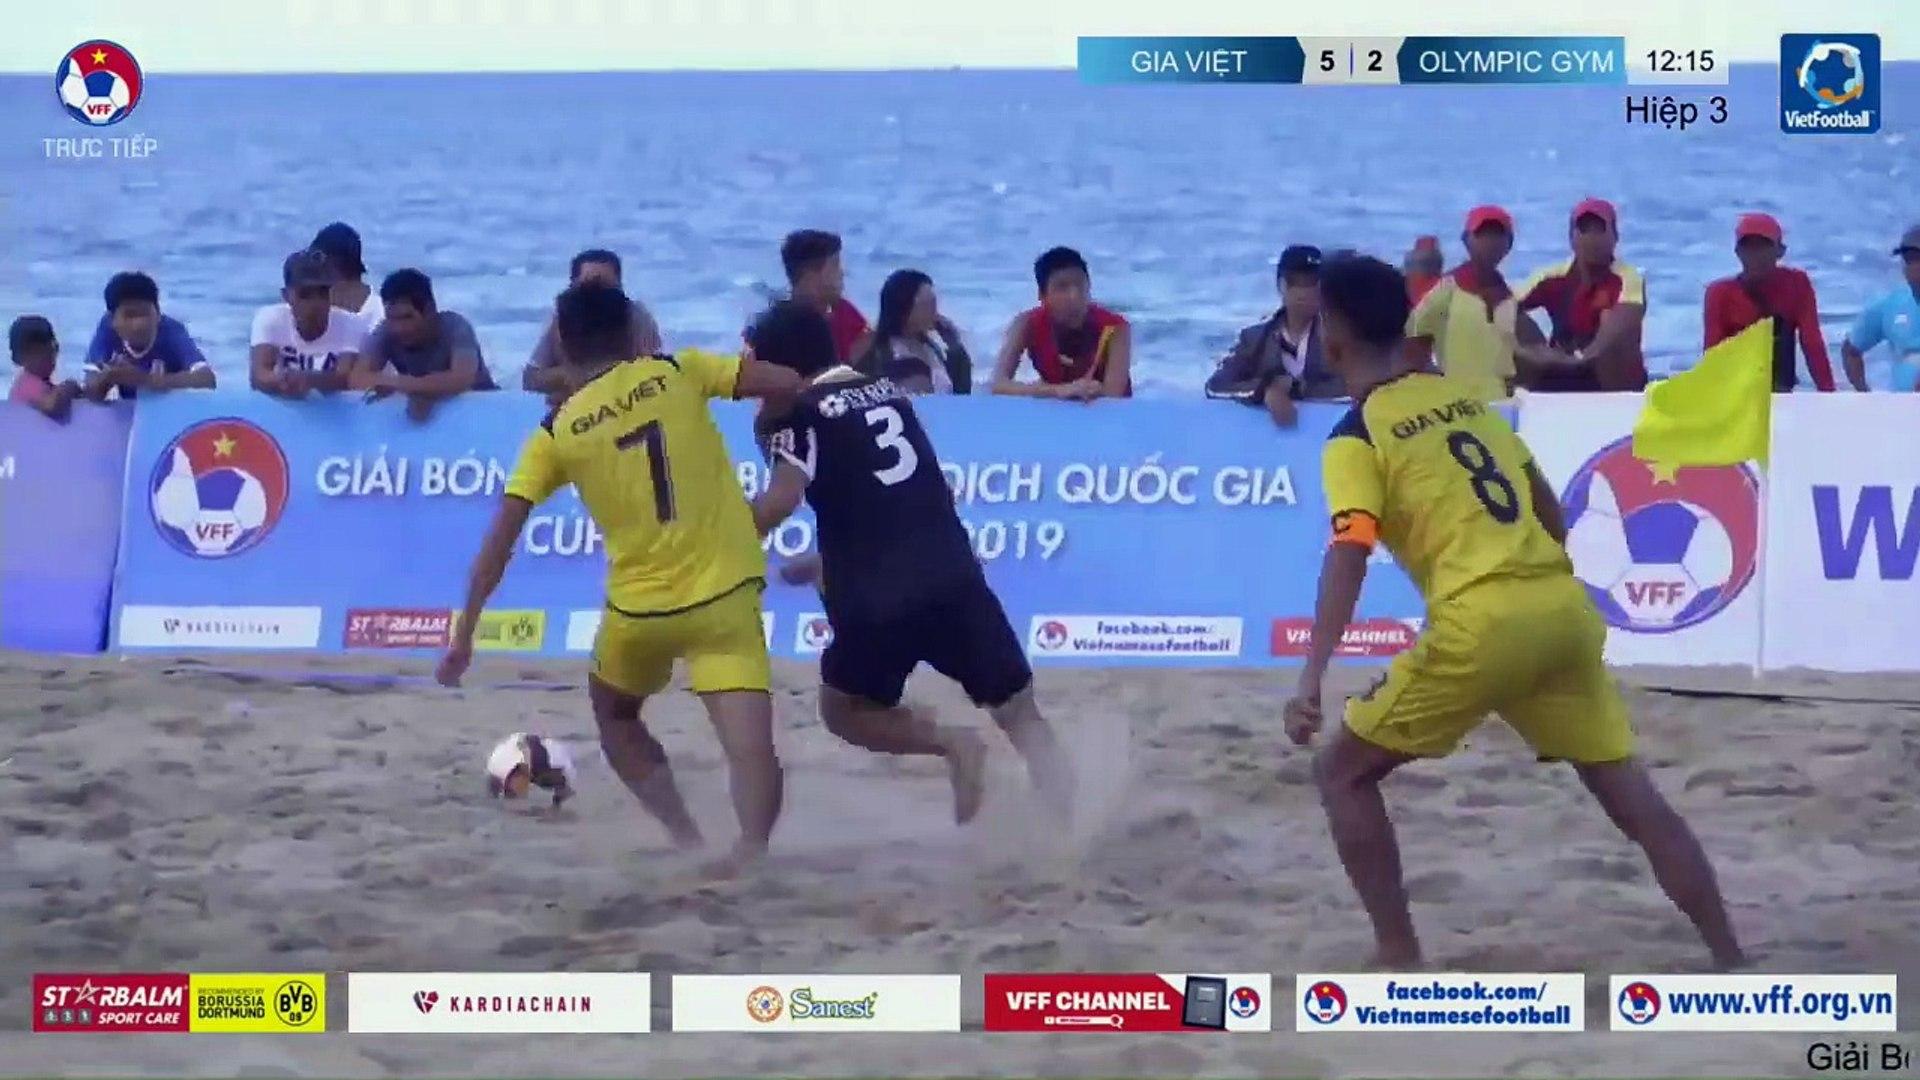 Trực tiếp | Trận tranh hạng 3 | Gia Việt - Olympic GYM (H3) | VFF Channel